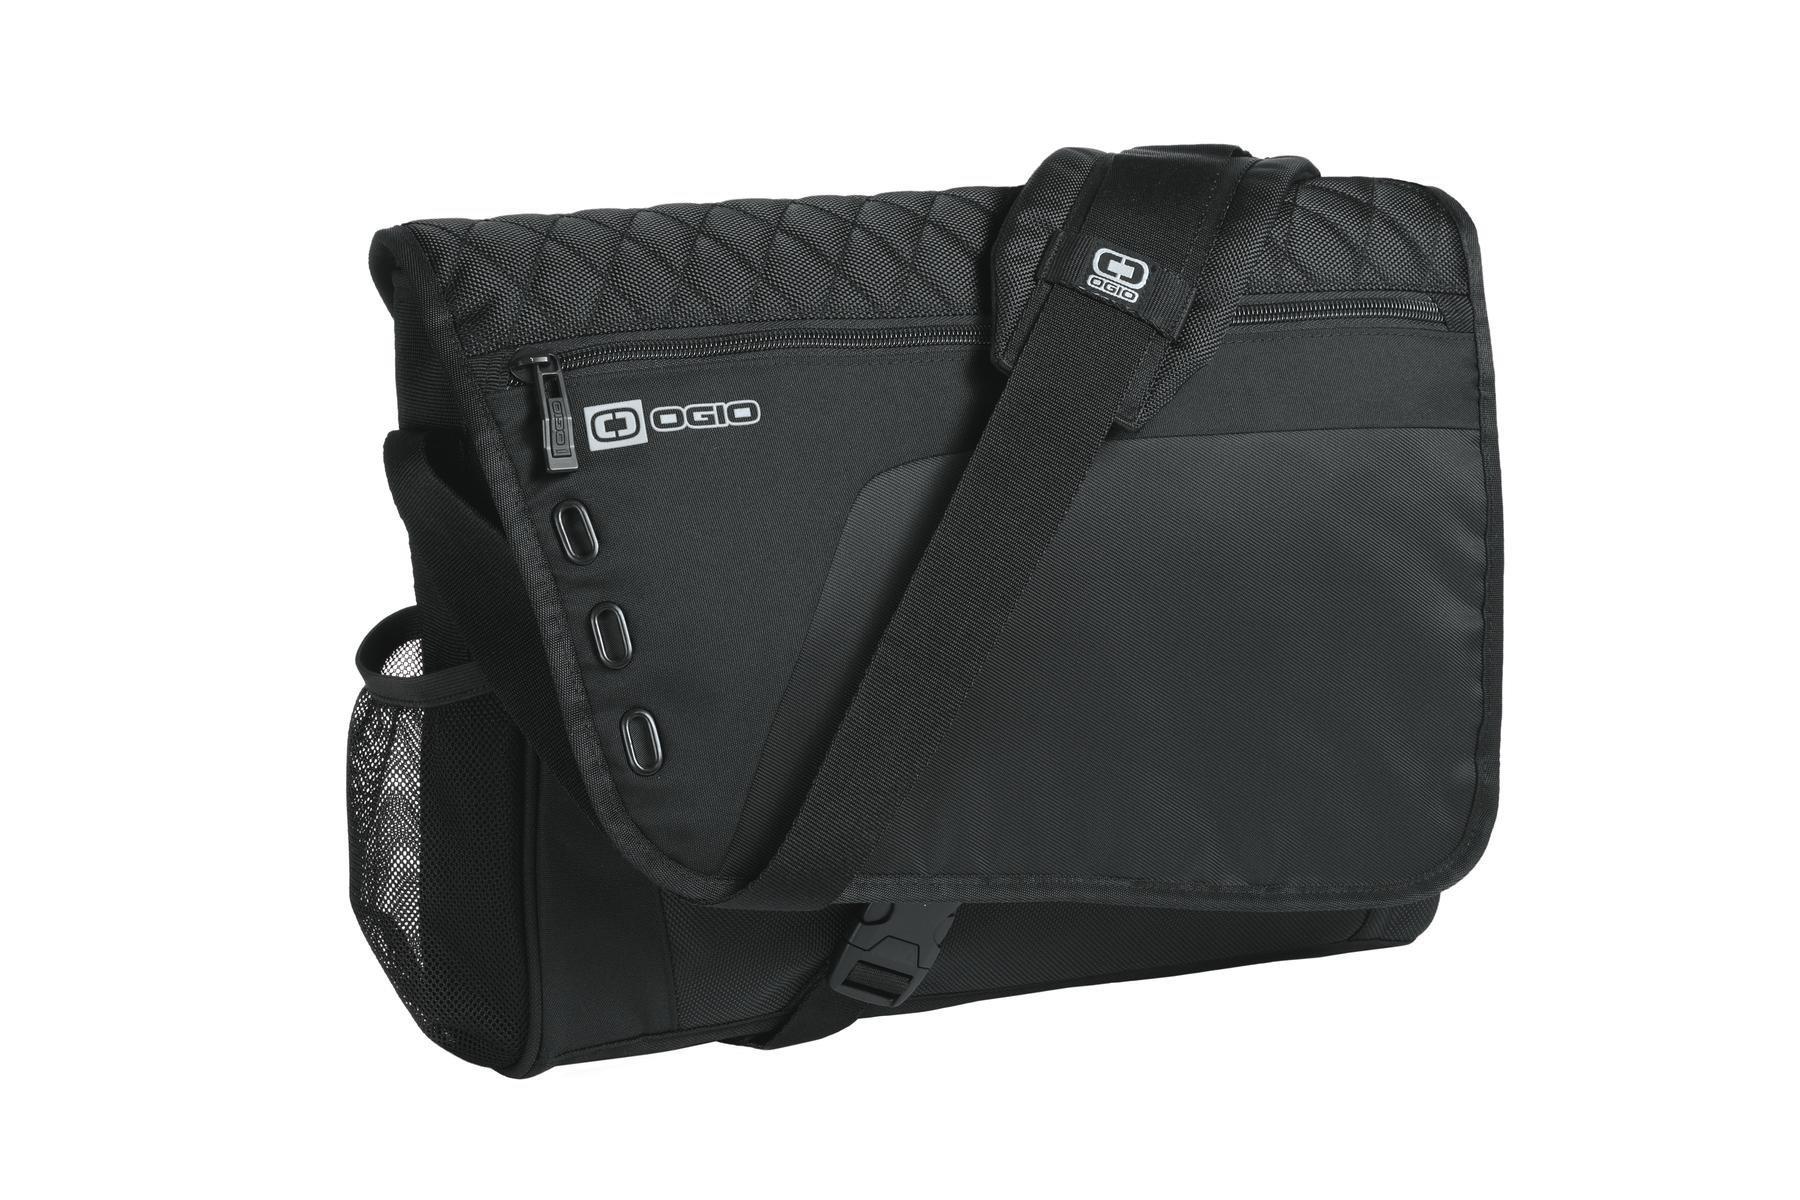 OGIO Vault 16'' Computer Laptop Messenger Bag, Black